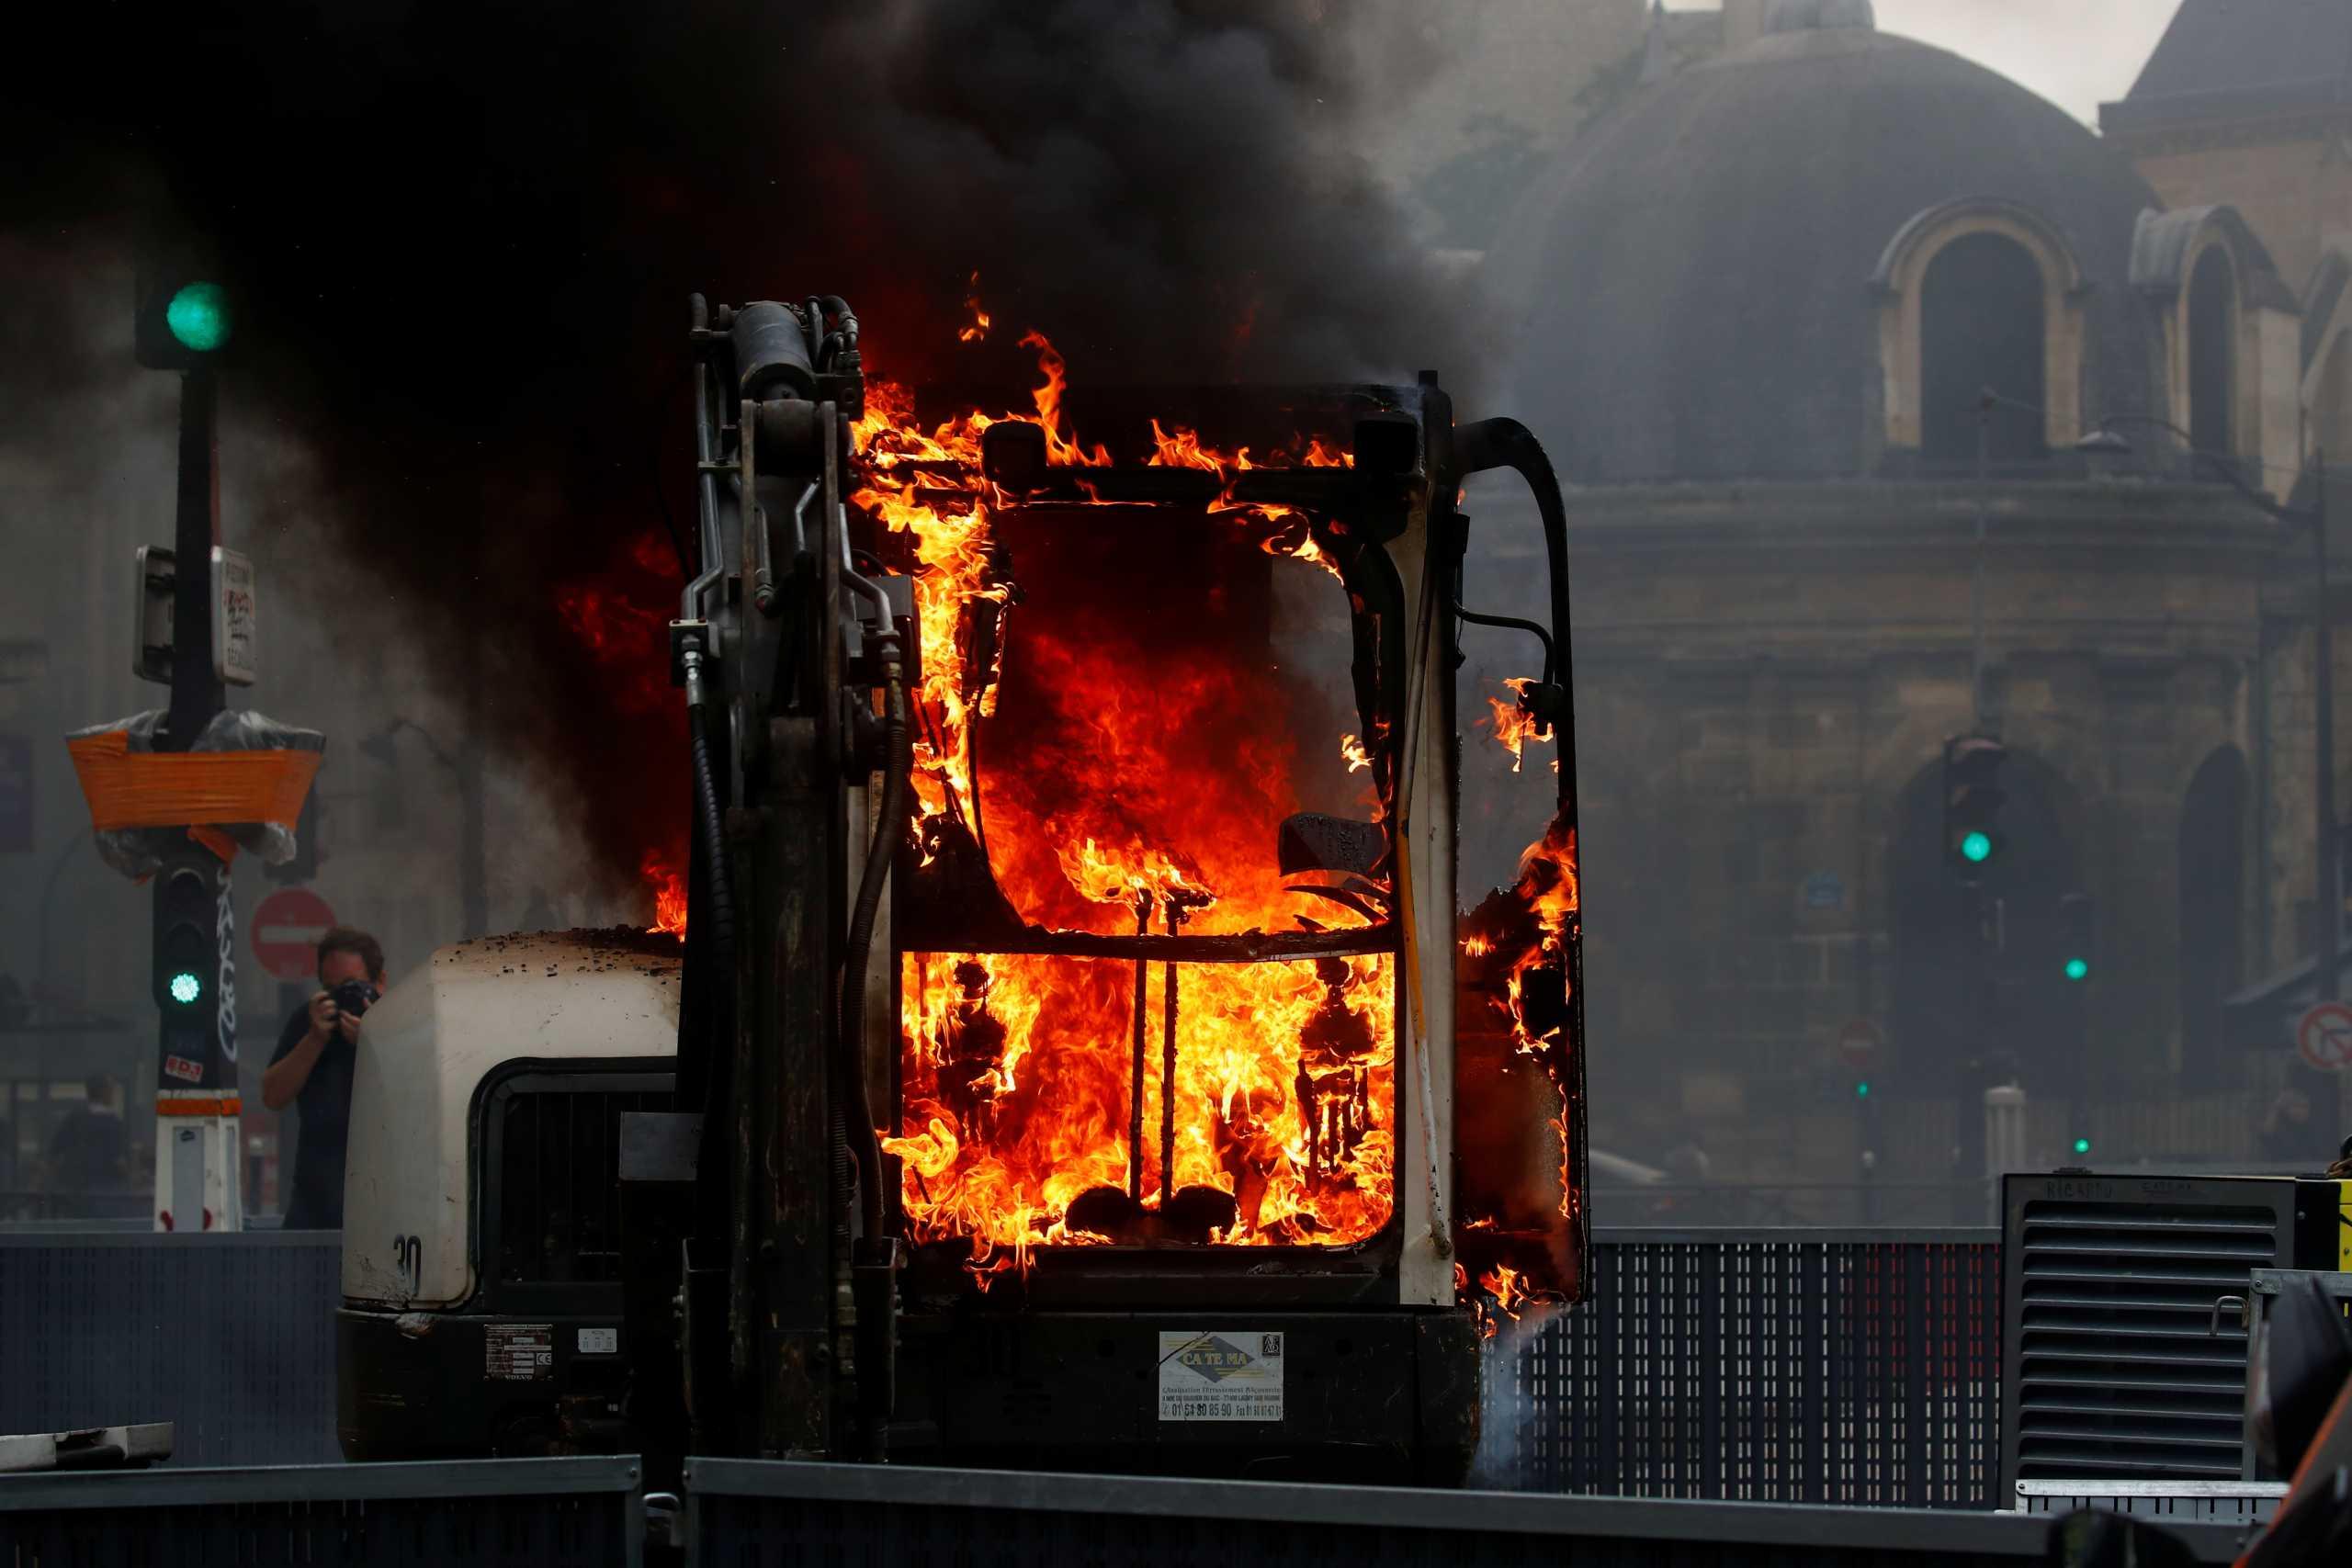 Γαλλία: Δακρυγόνα σε αντικυβερνητική διαδήλωση για τους εμβολιασμούς